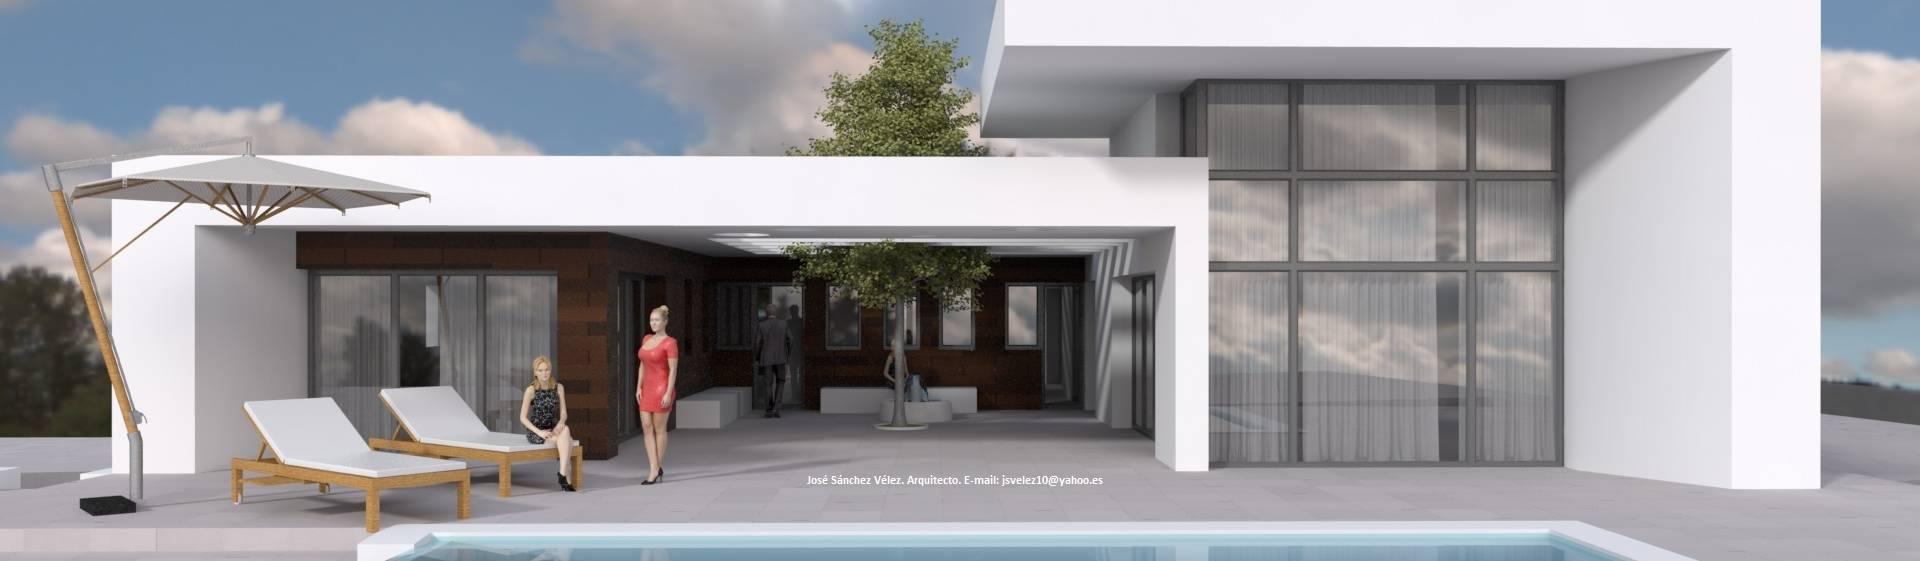 Estudio de Arquitectura, Interiorismo y Urbanismo José Sánchez Vélez  653 77 38 06